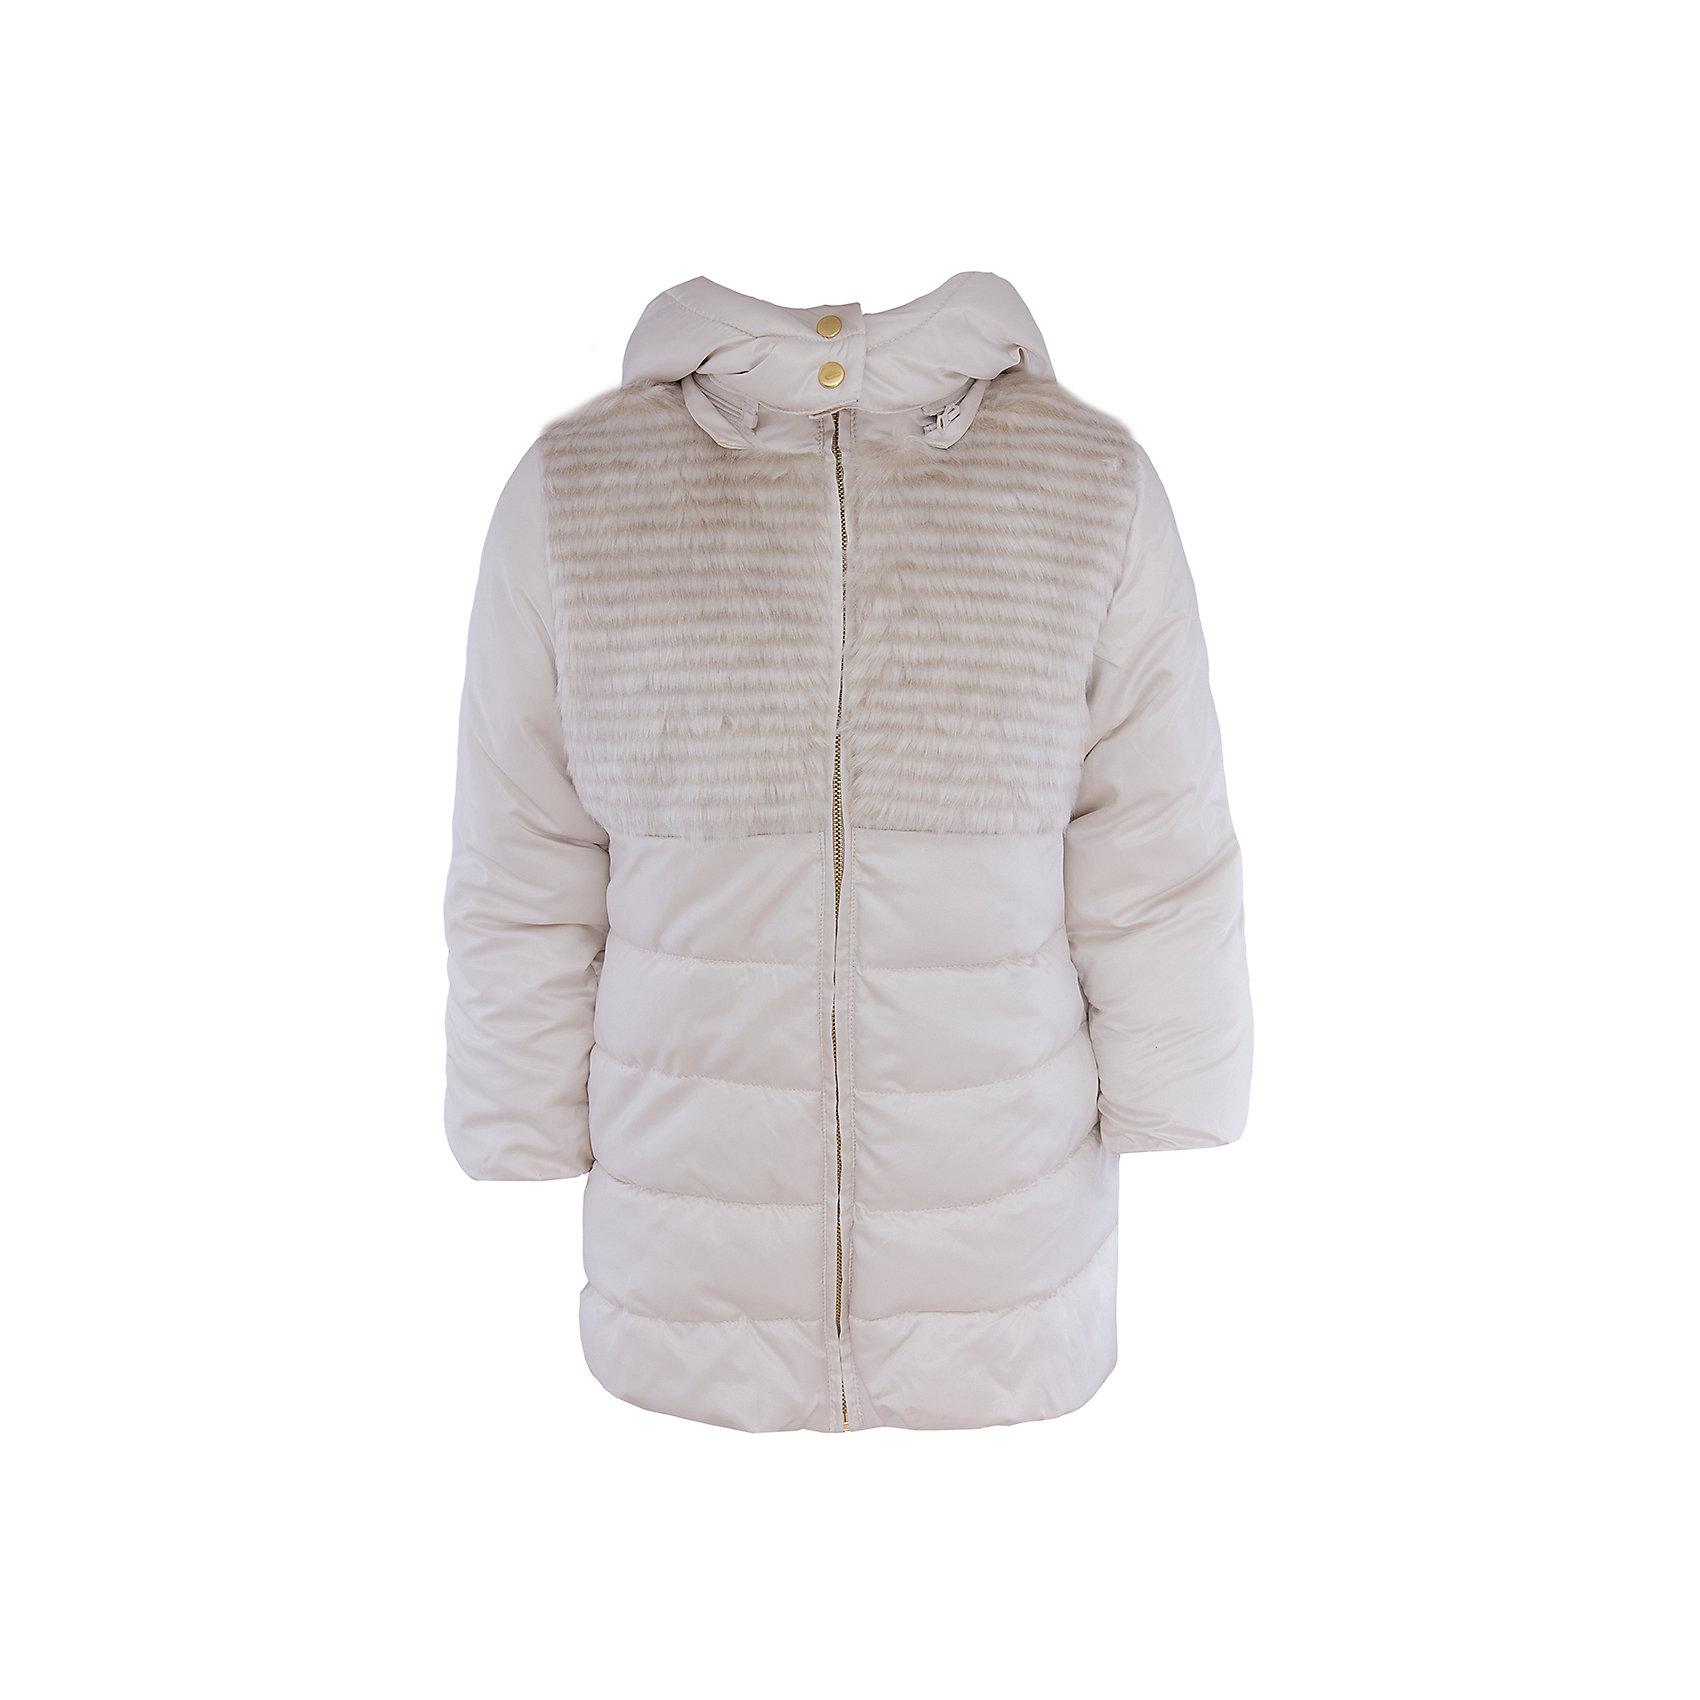 Пальто  для девочки CHICCOВерхняя одежда<br>Пальто CHICCO для девочки<br><br>Характеристики:<br><br>Фактура материала: трикотаж<br>Вид застежки: молния<br>Силуэт: прямой<br>Длина рукава: длинные<br>Тип карманов: без карманов<br>Капюшон: обычный, застегивается на кнопки<br><br>Состав: 95% полиэстер, 5% полиамид<br><br>Пальто CHICCO для девочки можно купить в нашем интернет-магазине.<br><br>Ширина мм: 356<br>Глубина мм: 10<br>Высота мм: 245<br>Вес г: 519<br>Цвет: бежевый<br>Возраст от месяцев: 48<br>Возраст до месяцев: 60<br>Пол: Женский<br>Возраст: Детский<br>Размер: 110,128,116,122<br>SKU: 5079416